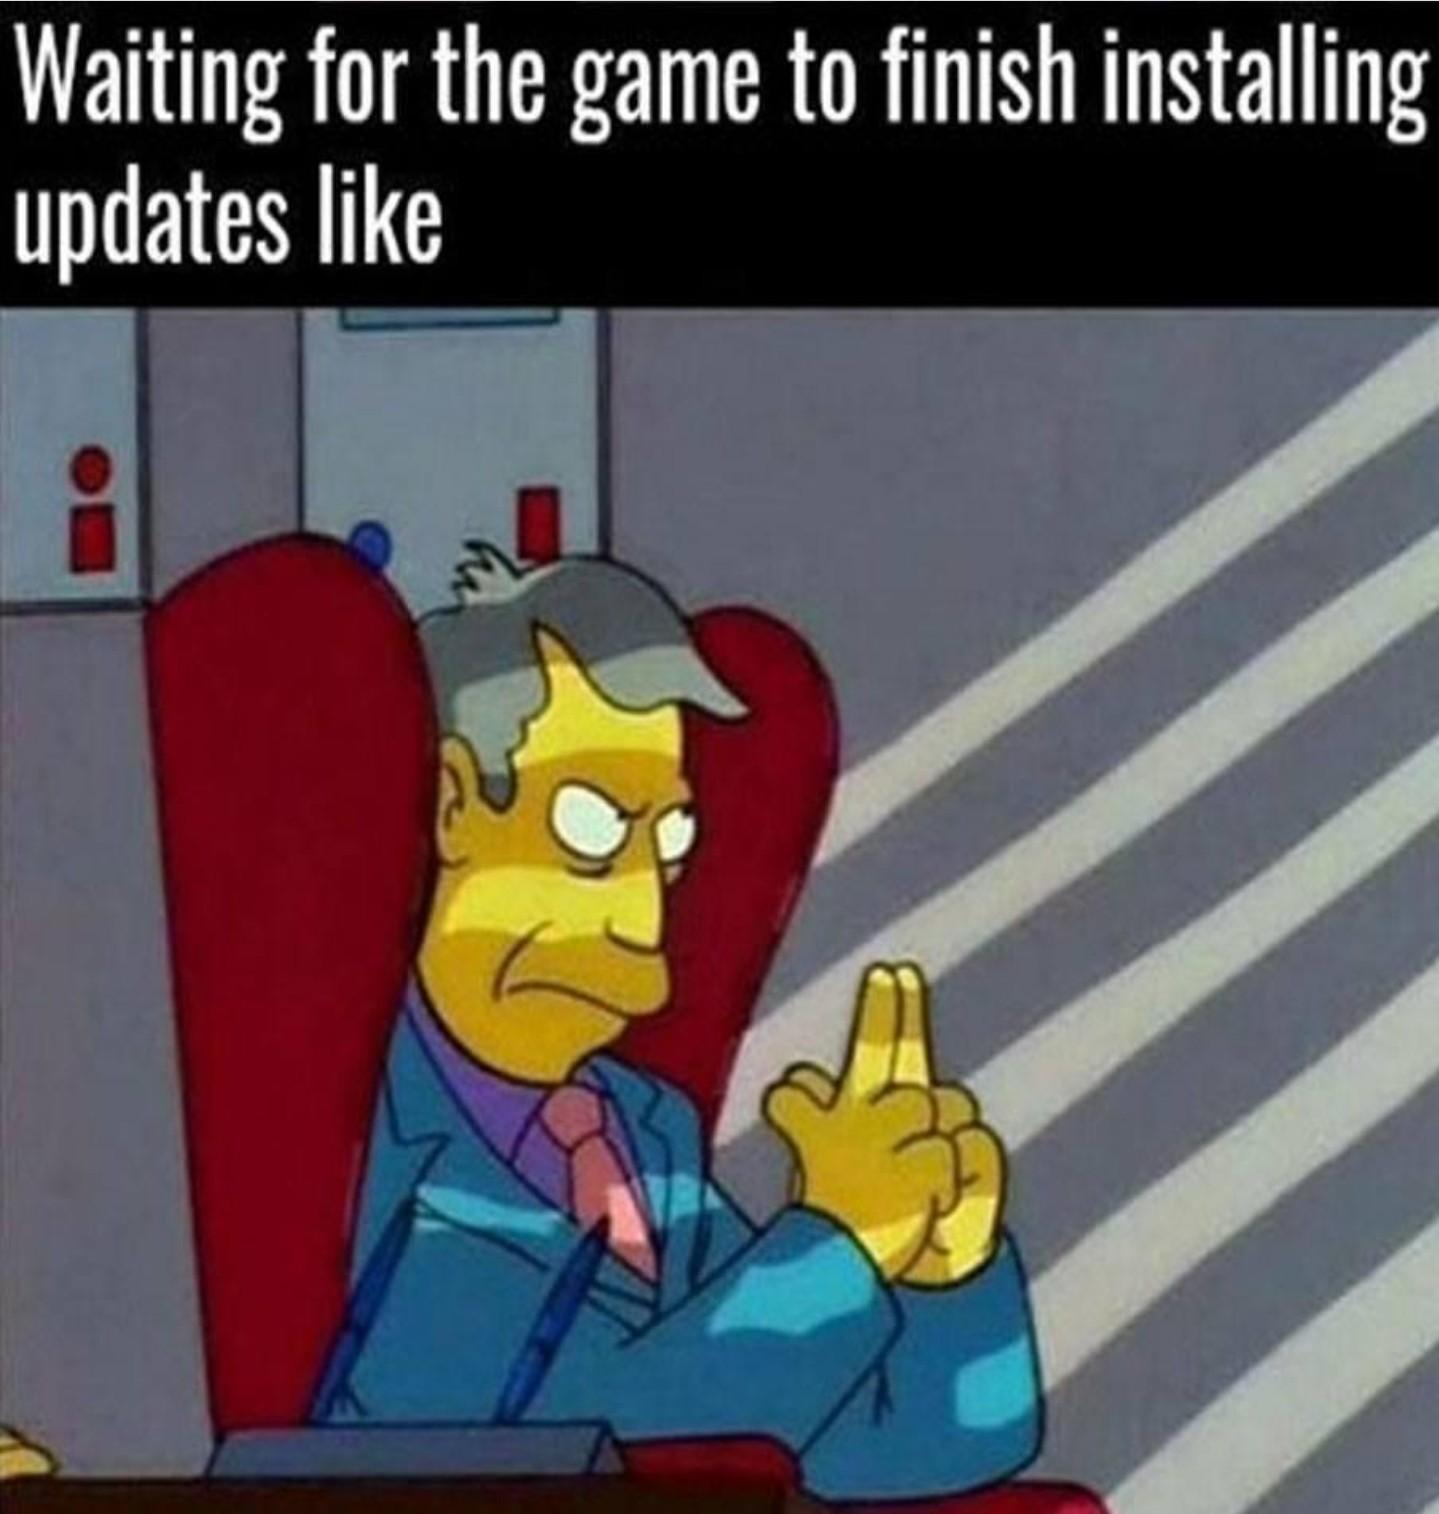 Esperando a Atualização Do Game Instalar - meme